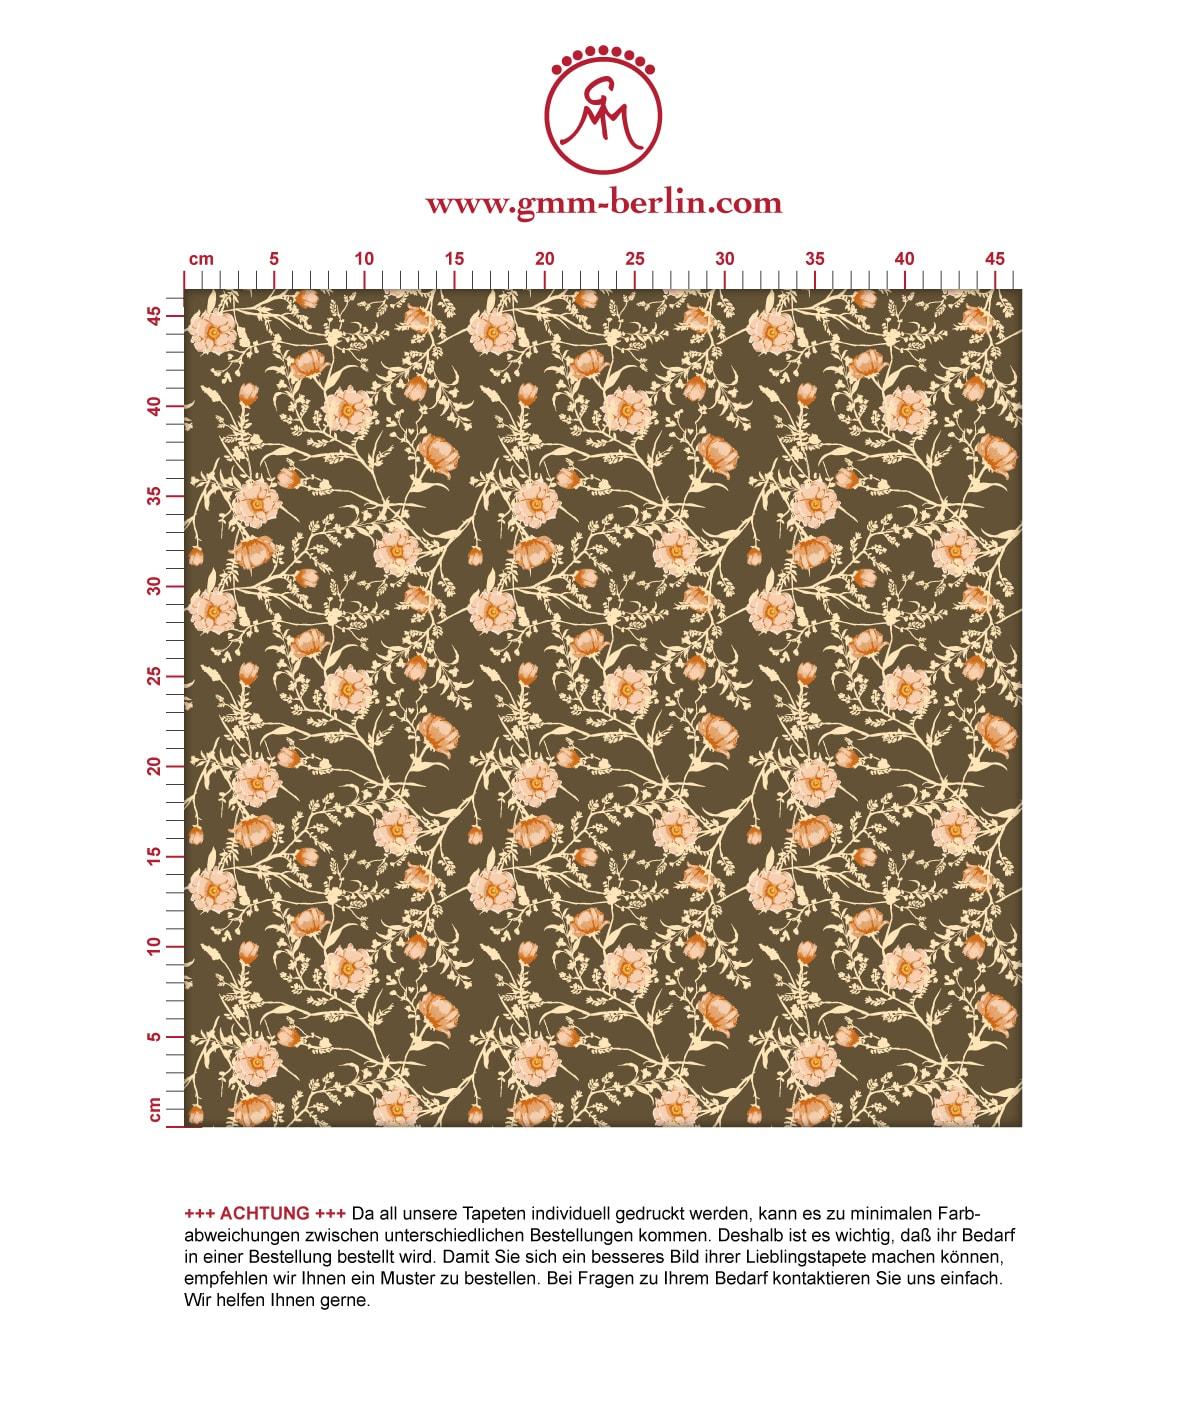 Edle Blumentapete Printemps mit zarten Ranken in braun, Nostalgietapete für Ihr Zuhause. Aus dem GMM-BERLIN.com Sortiment: Schöne Tapeten in der Farbe: braun